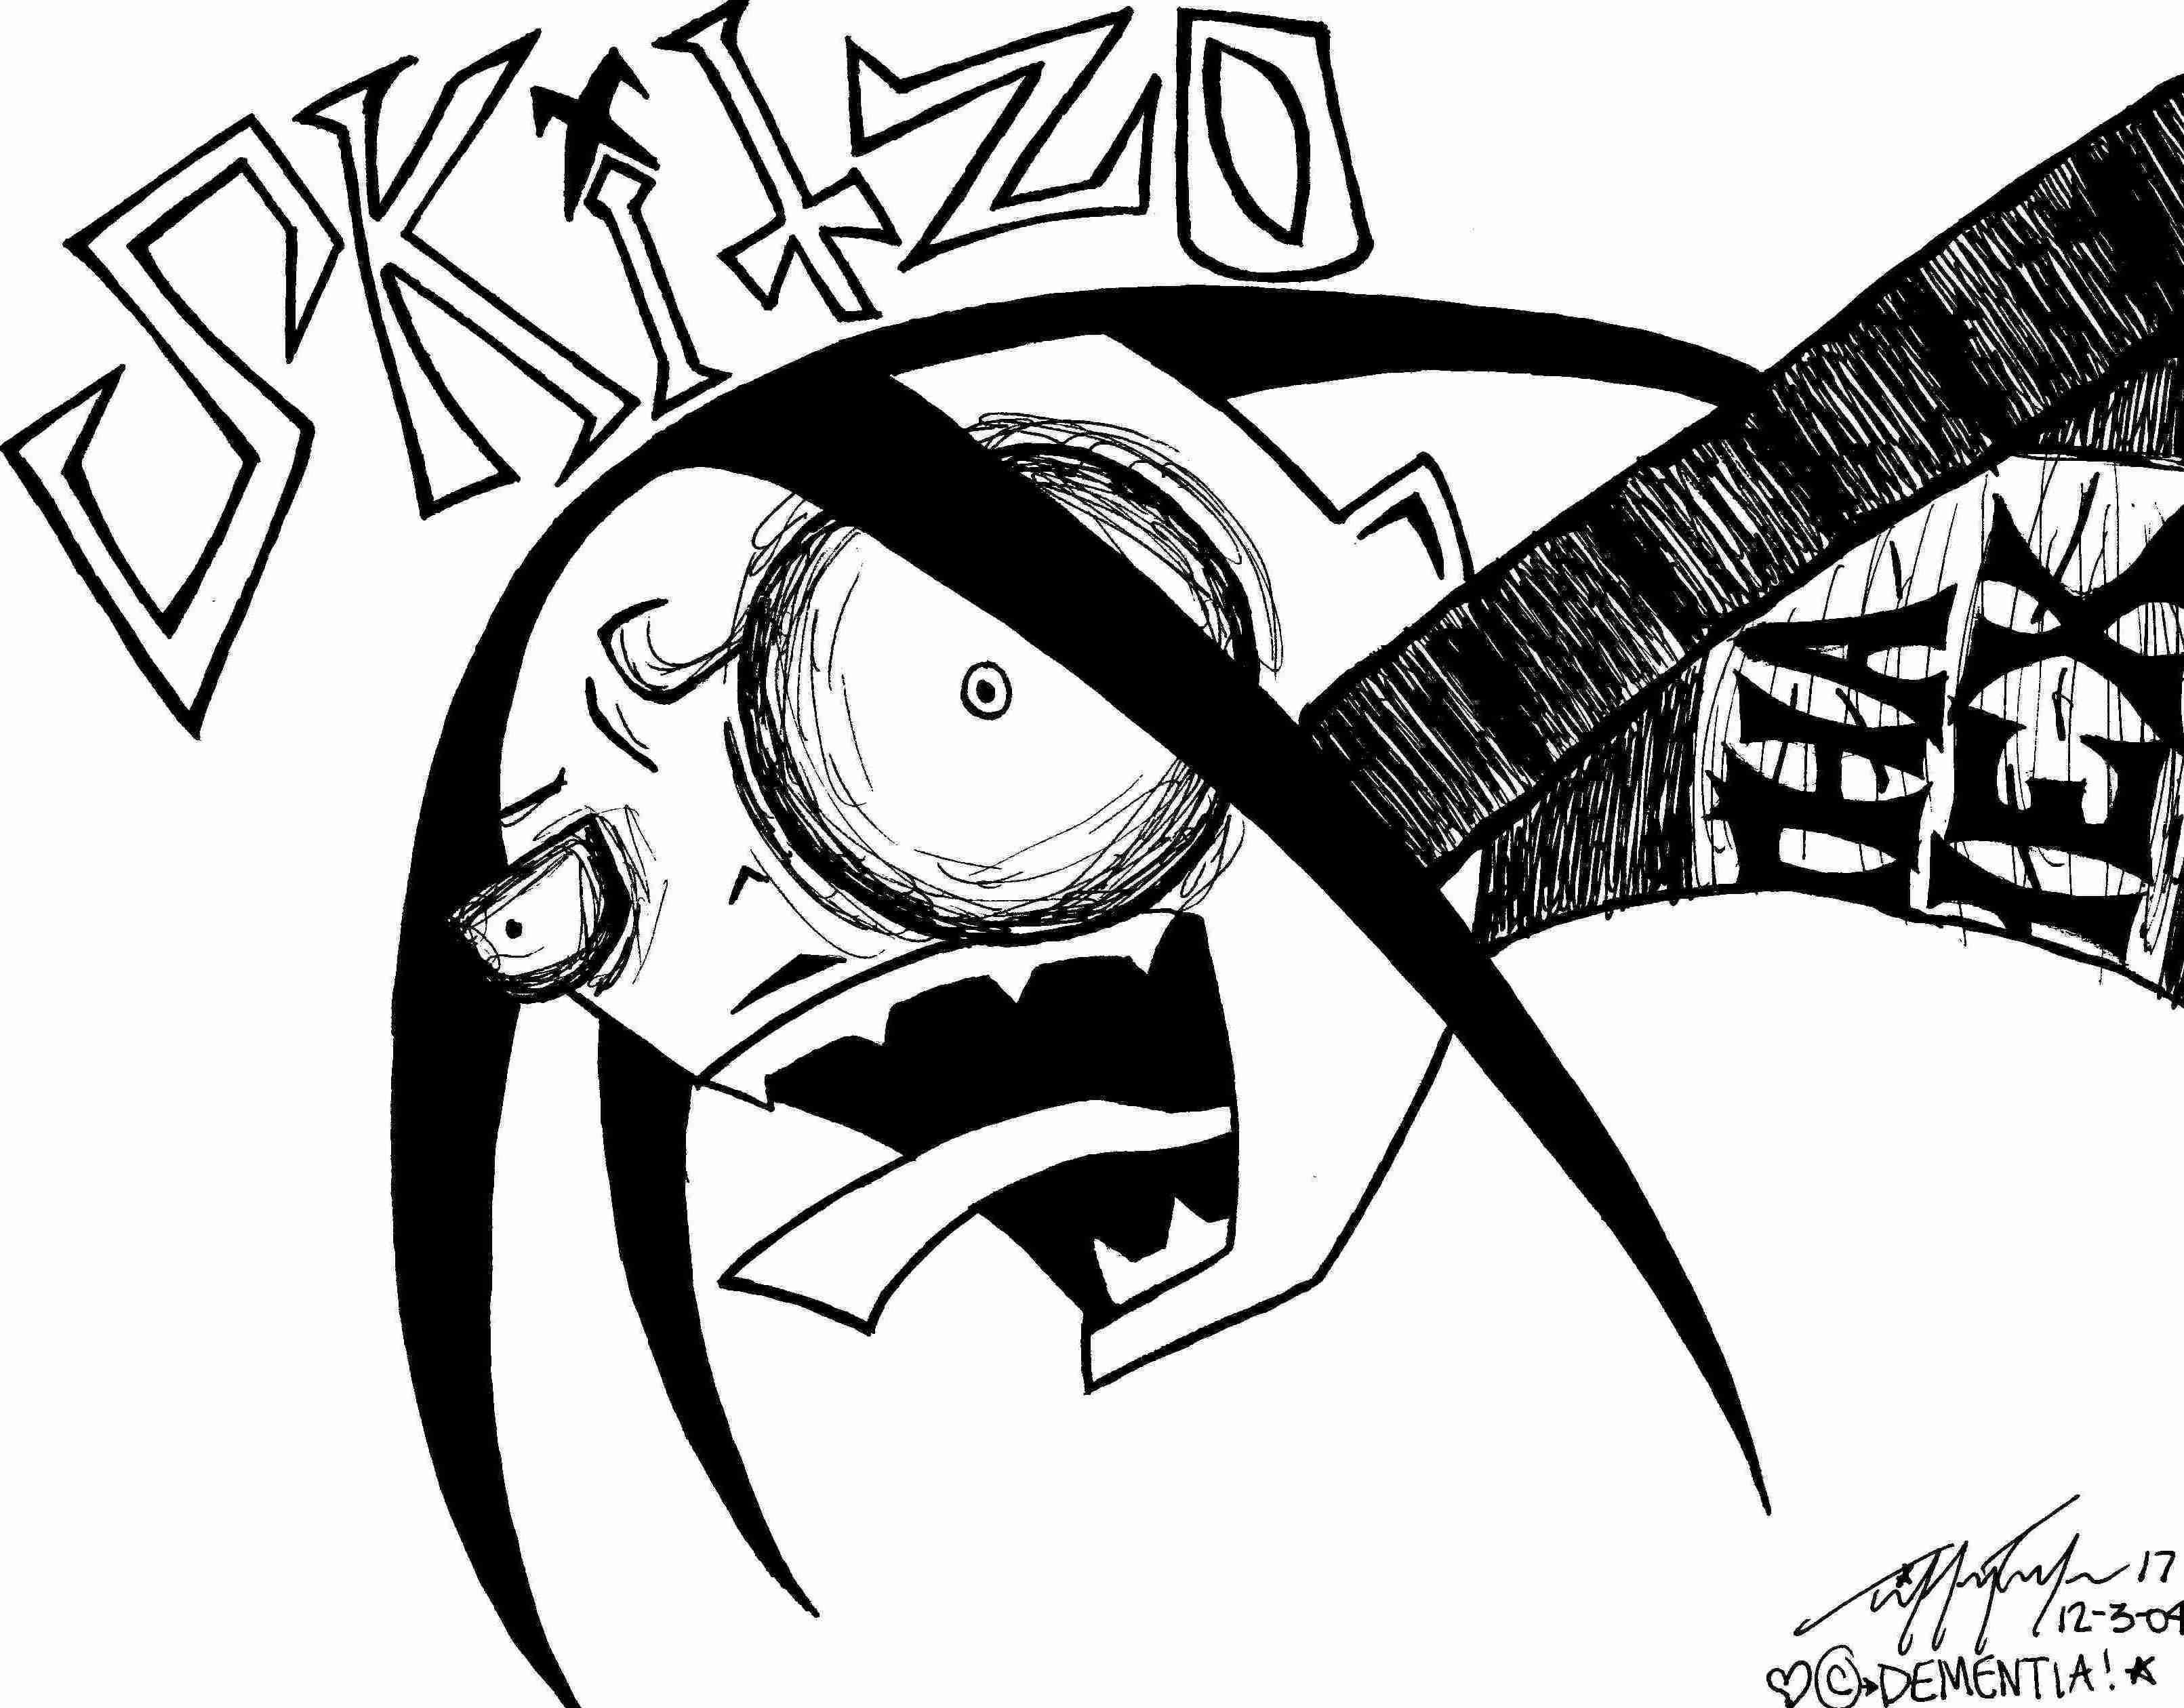 Meet SkiTzO by InkMunkY